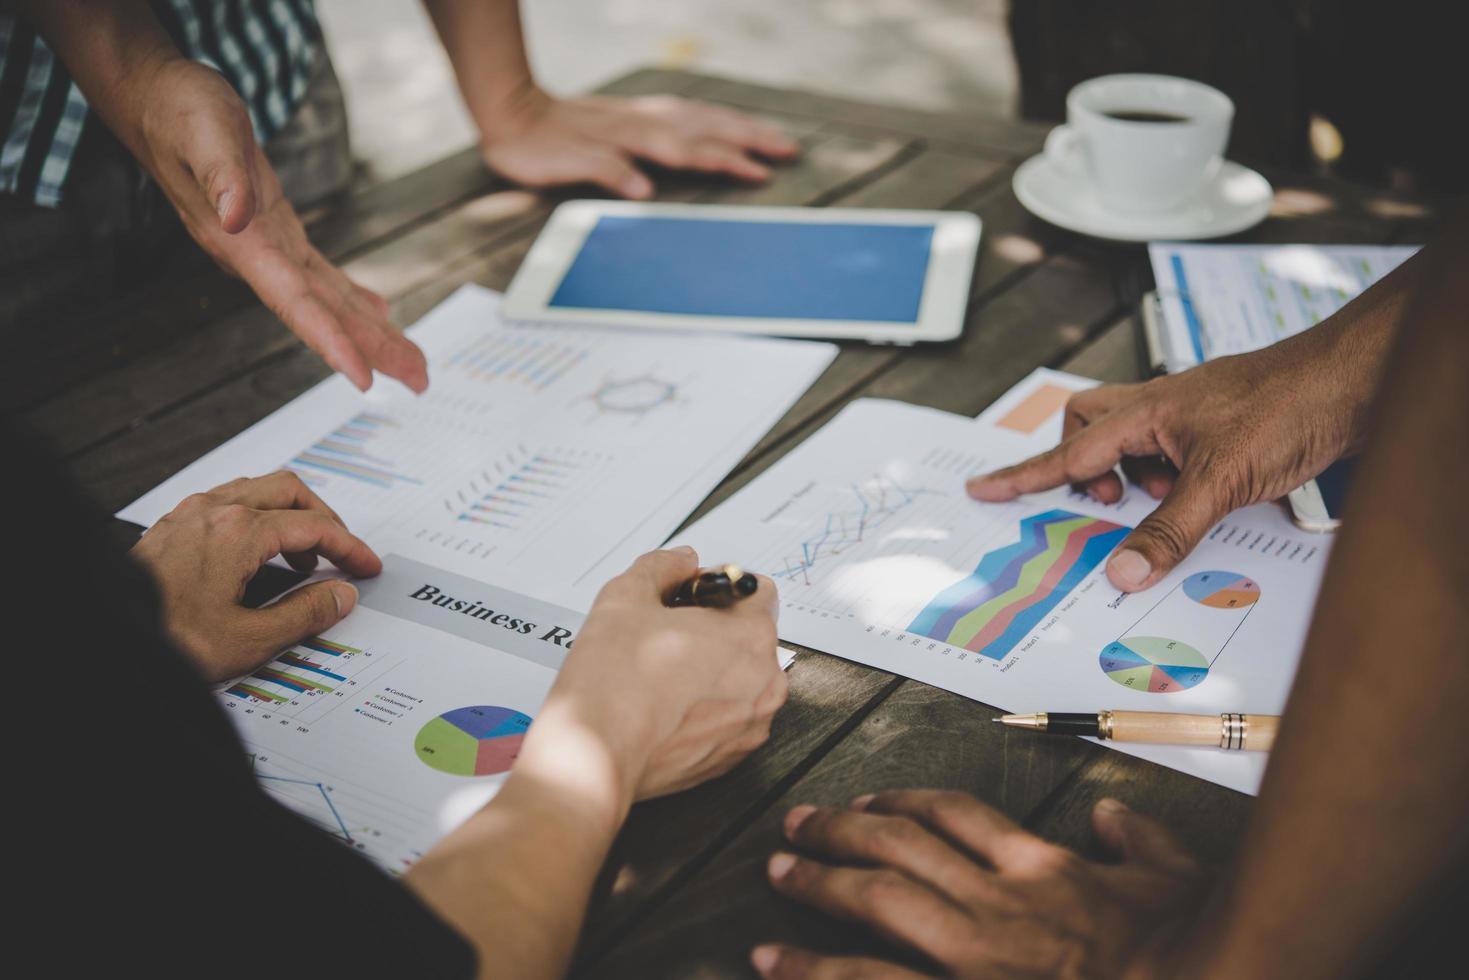 Eine Gruppe von Geschäftsleuten analysiert Diagramme bei Besprechungen foto